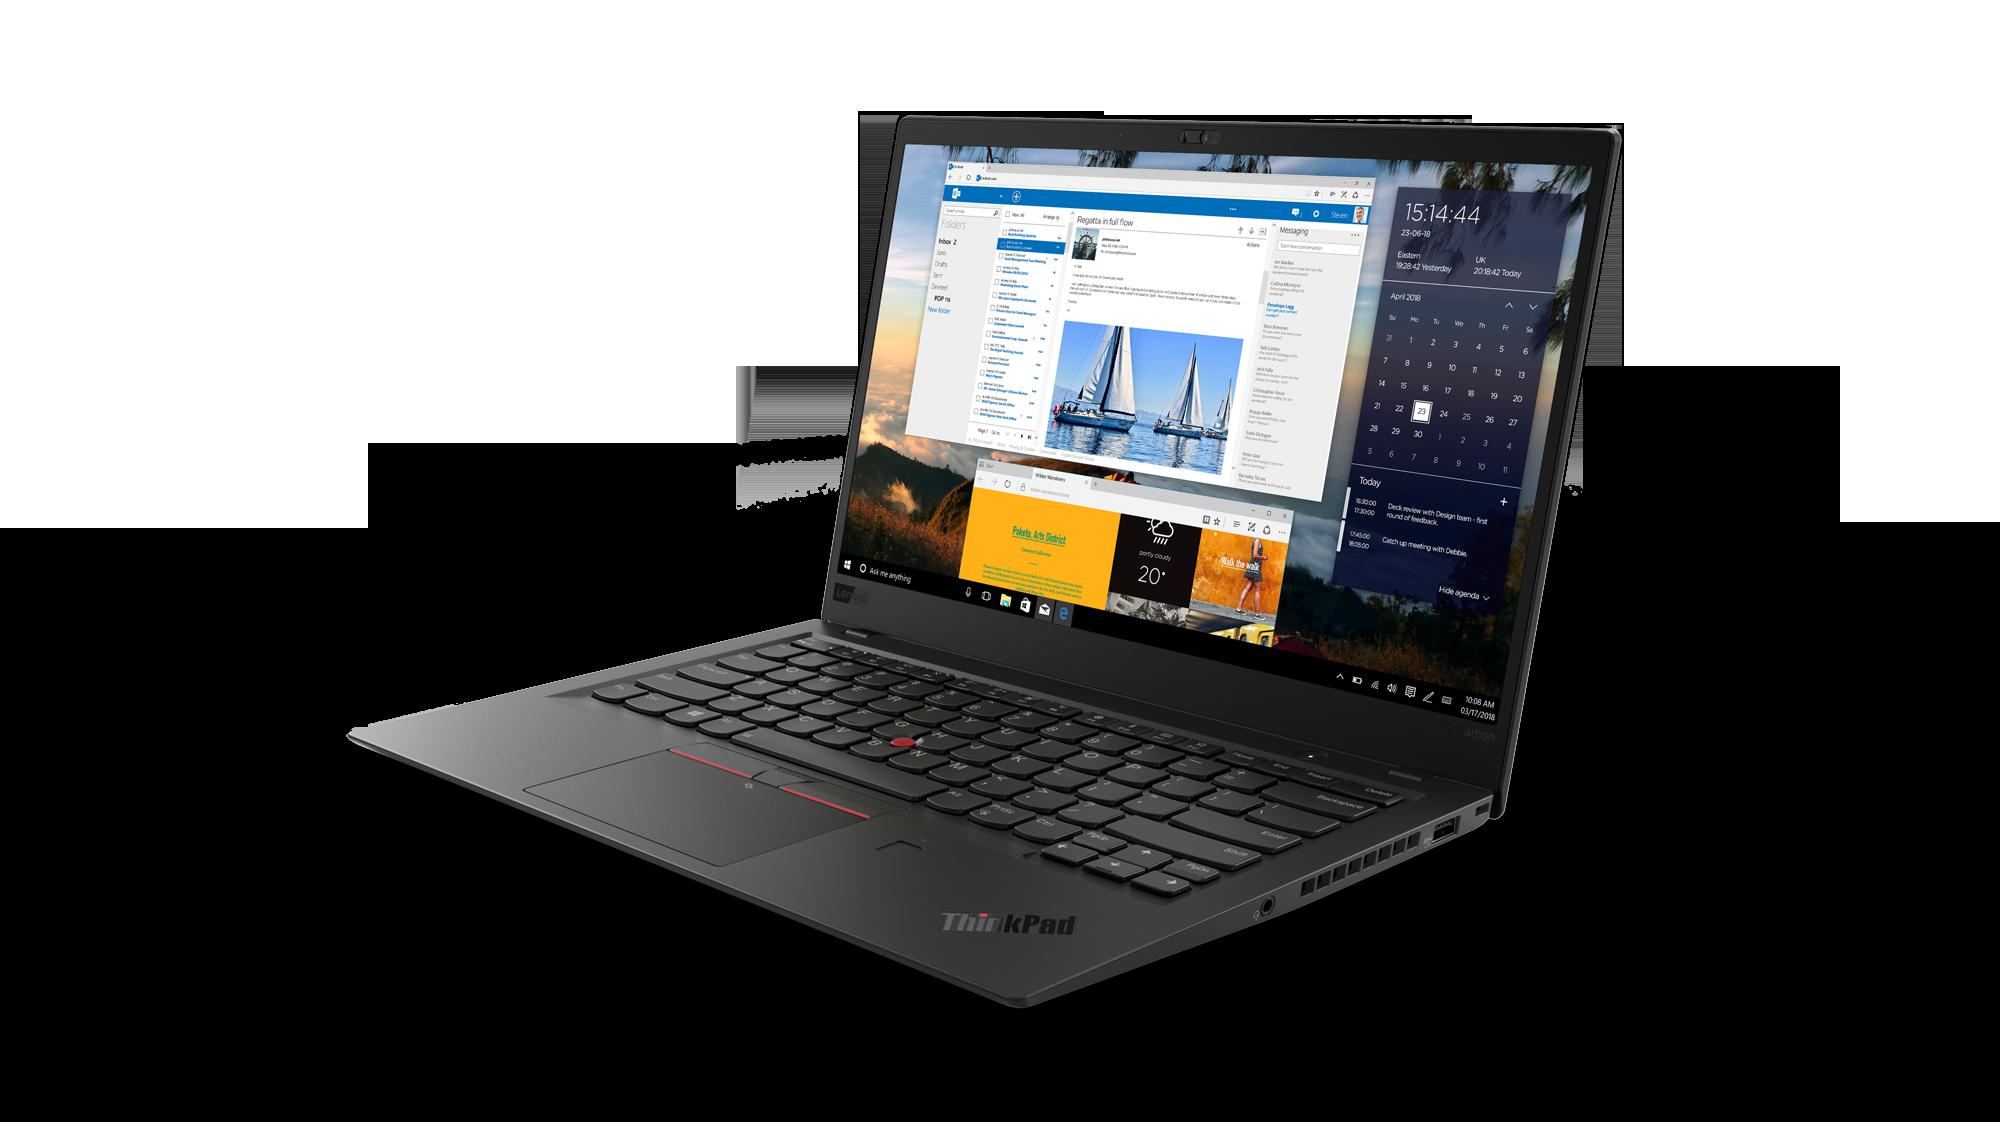 Pragniemy poinformować Państwa że znane są już pierwsze konfiguracje ultrabooka Lenovo ThinkPad X1 Carbon 6 Więcej informacji o samy produkcie znają